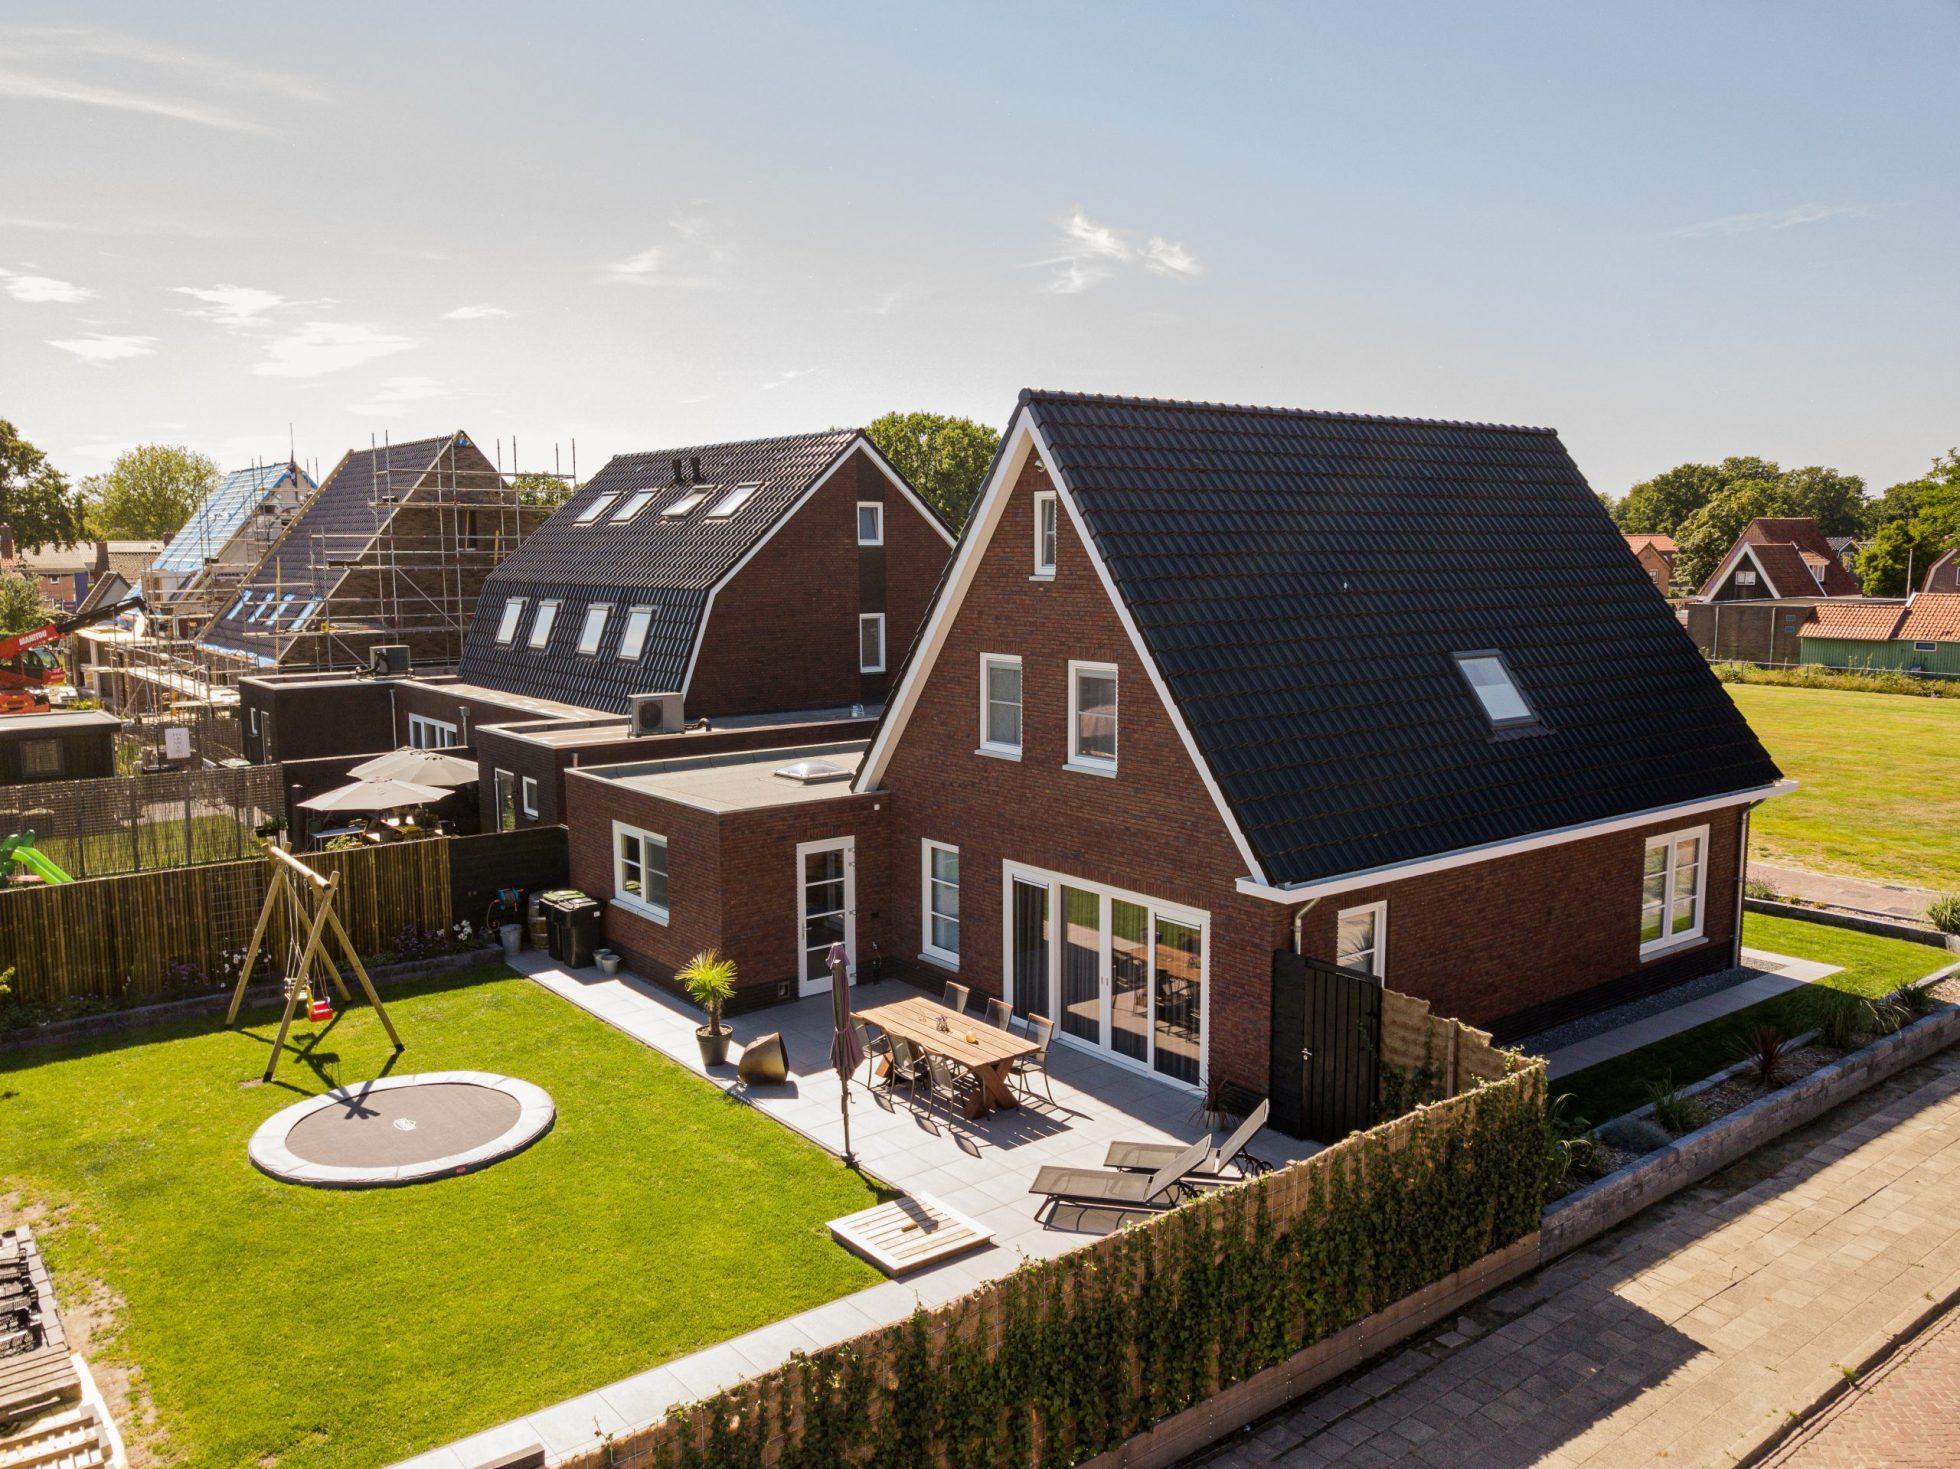 Nieuwbouwwoning_joure_ontwerpburo_wietze_dijkstra